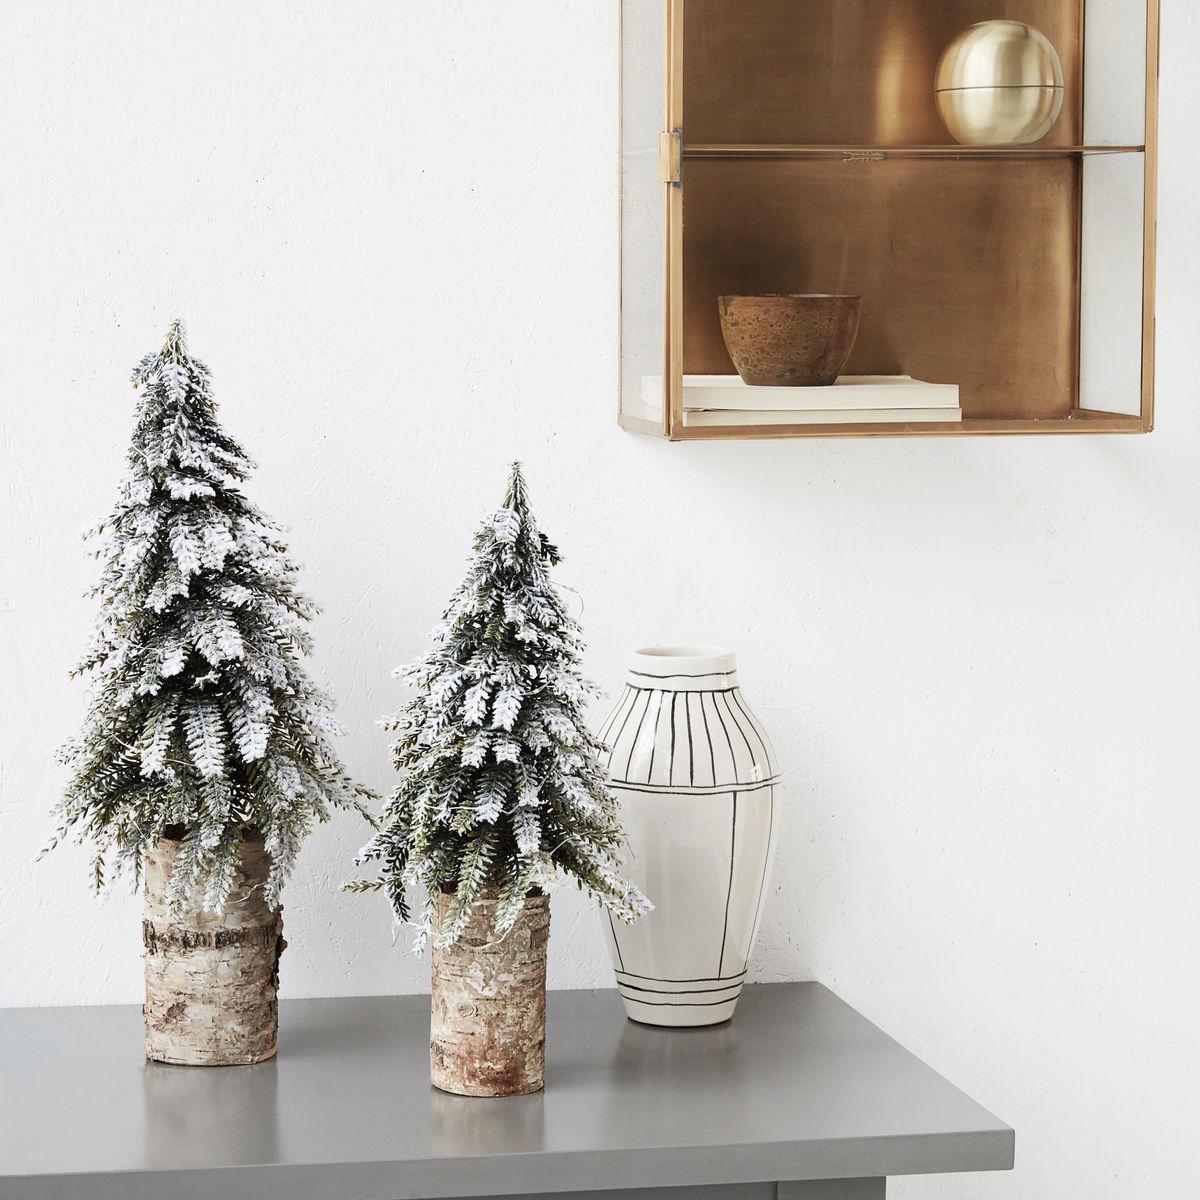 House Doctor Vánoční stromeček se světýlky 40cm, zelená barva, hnědá barva, dřevo, plast